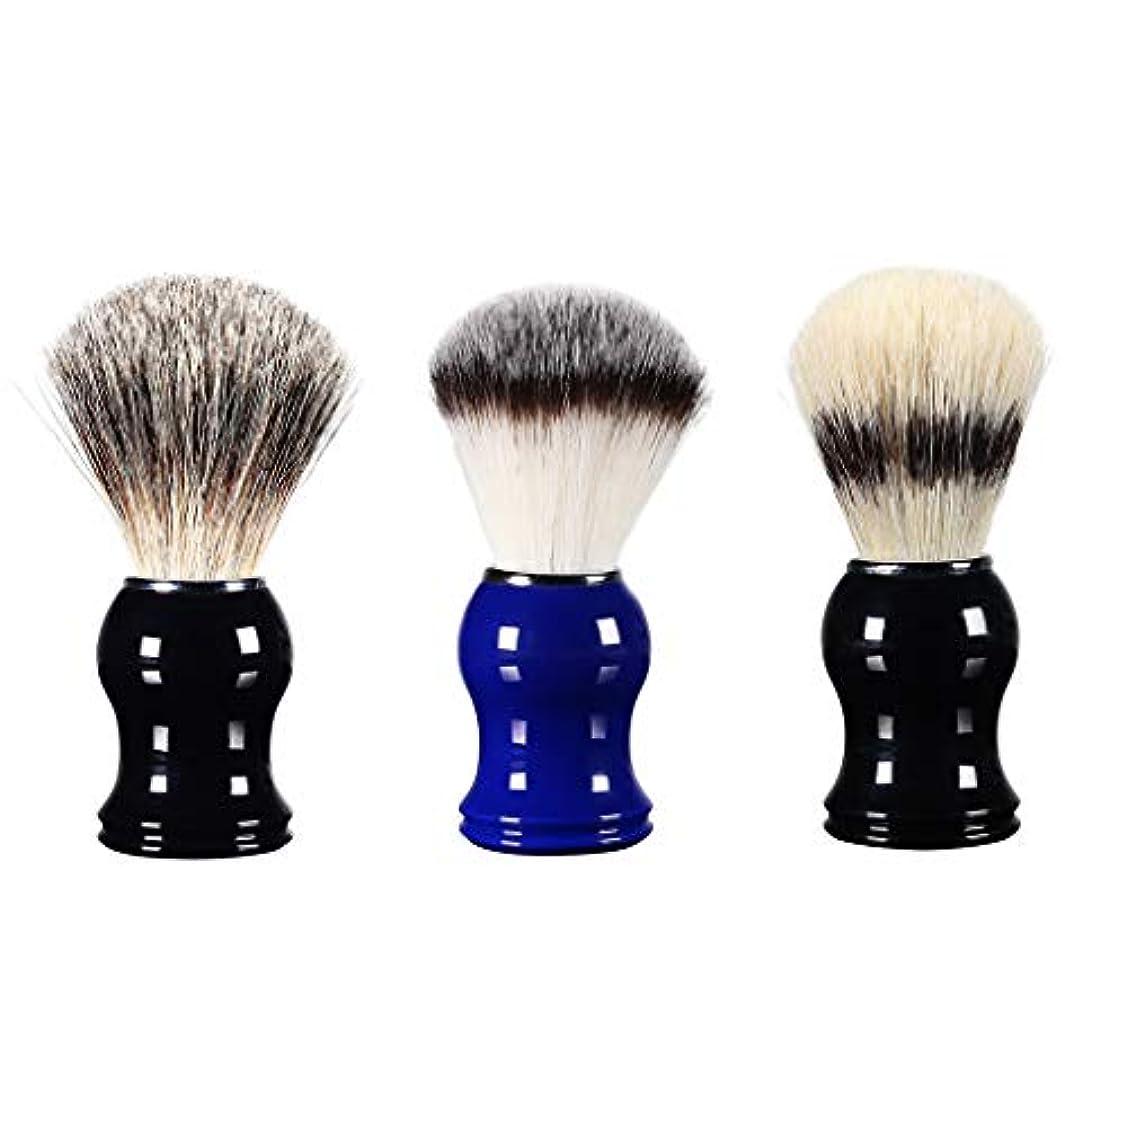 満たす凝縮する民主党3個 男性用 シェービング用ブラシ 理容 洗顔 髭剃り 泡立ち アクセサリー